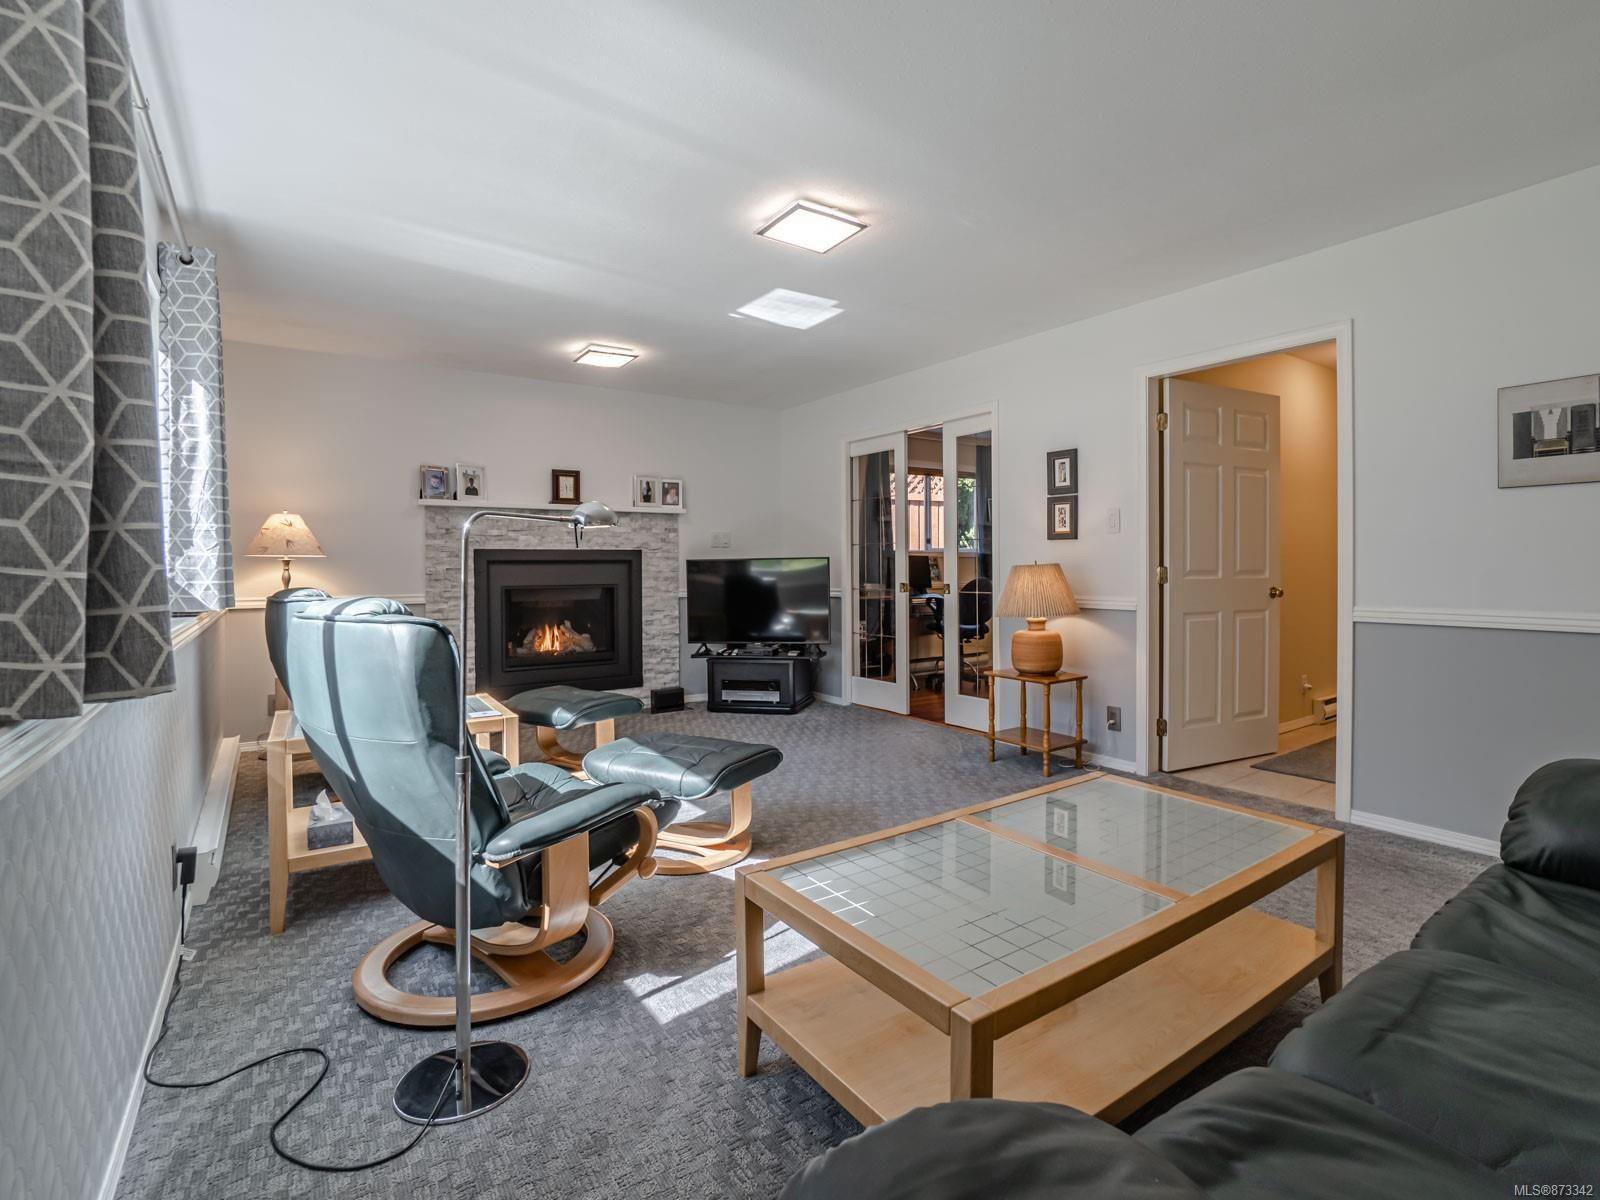 Photo 18: Photos: 5294 Catalina Dr in : Na North Nanaimo House for sale (Nanaimo)  : MLS®# 873342